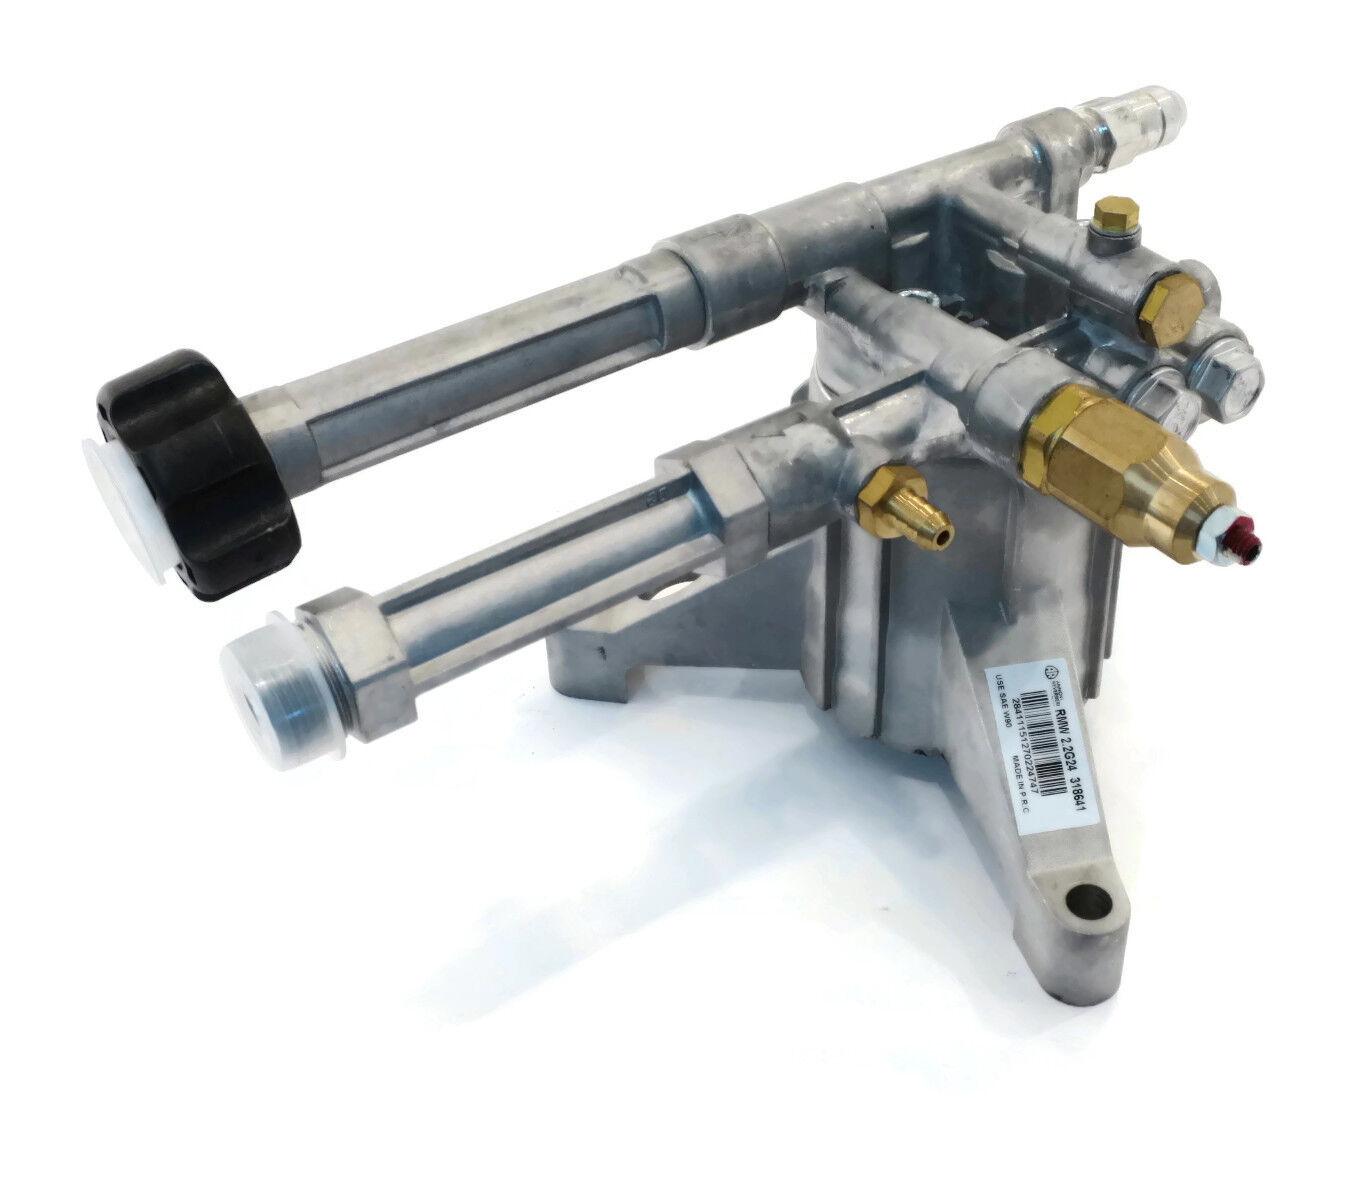 2400 Psi Ar Power Lavadora A Presión Bomba De Agua Briggs & Stratton 020363-0 020440-0